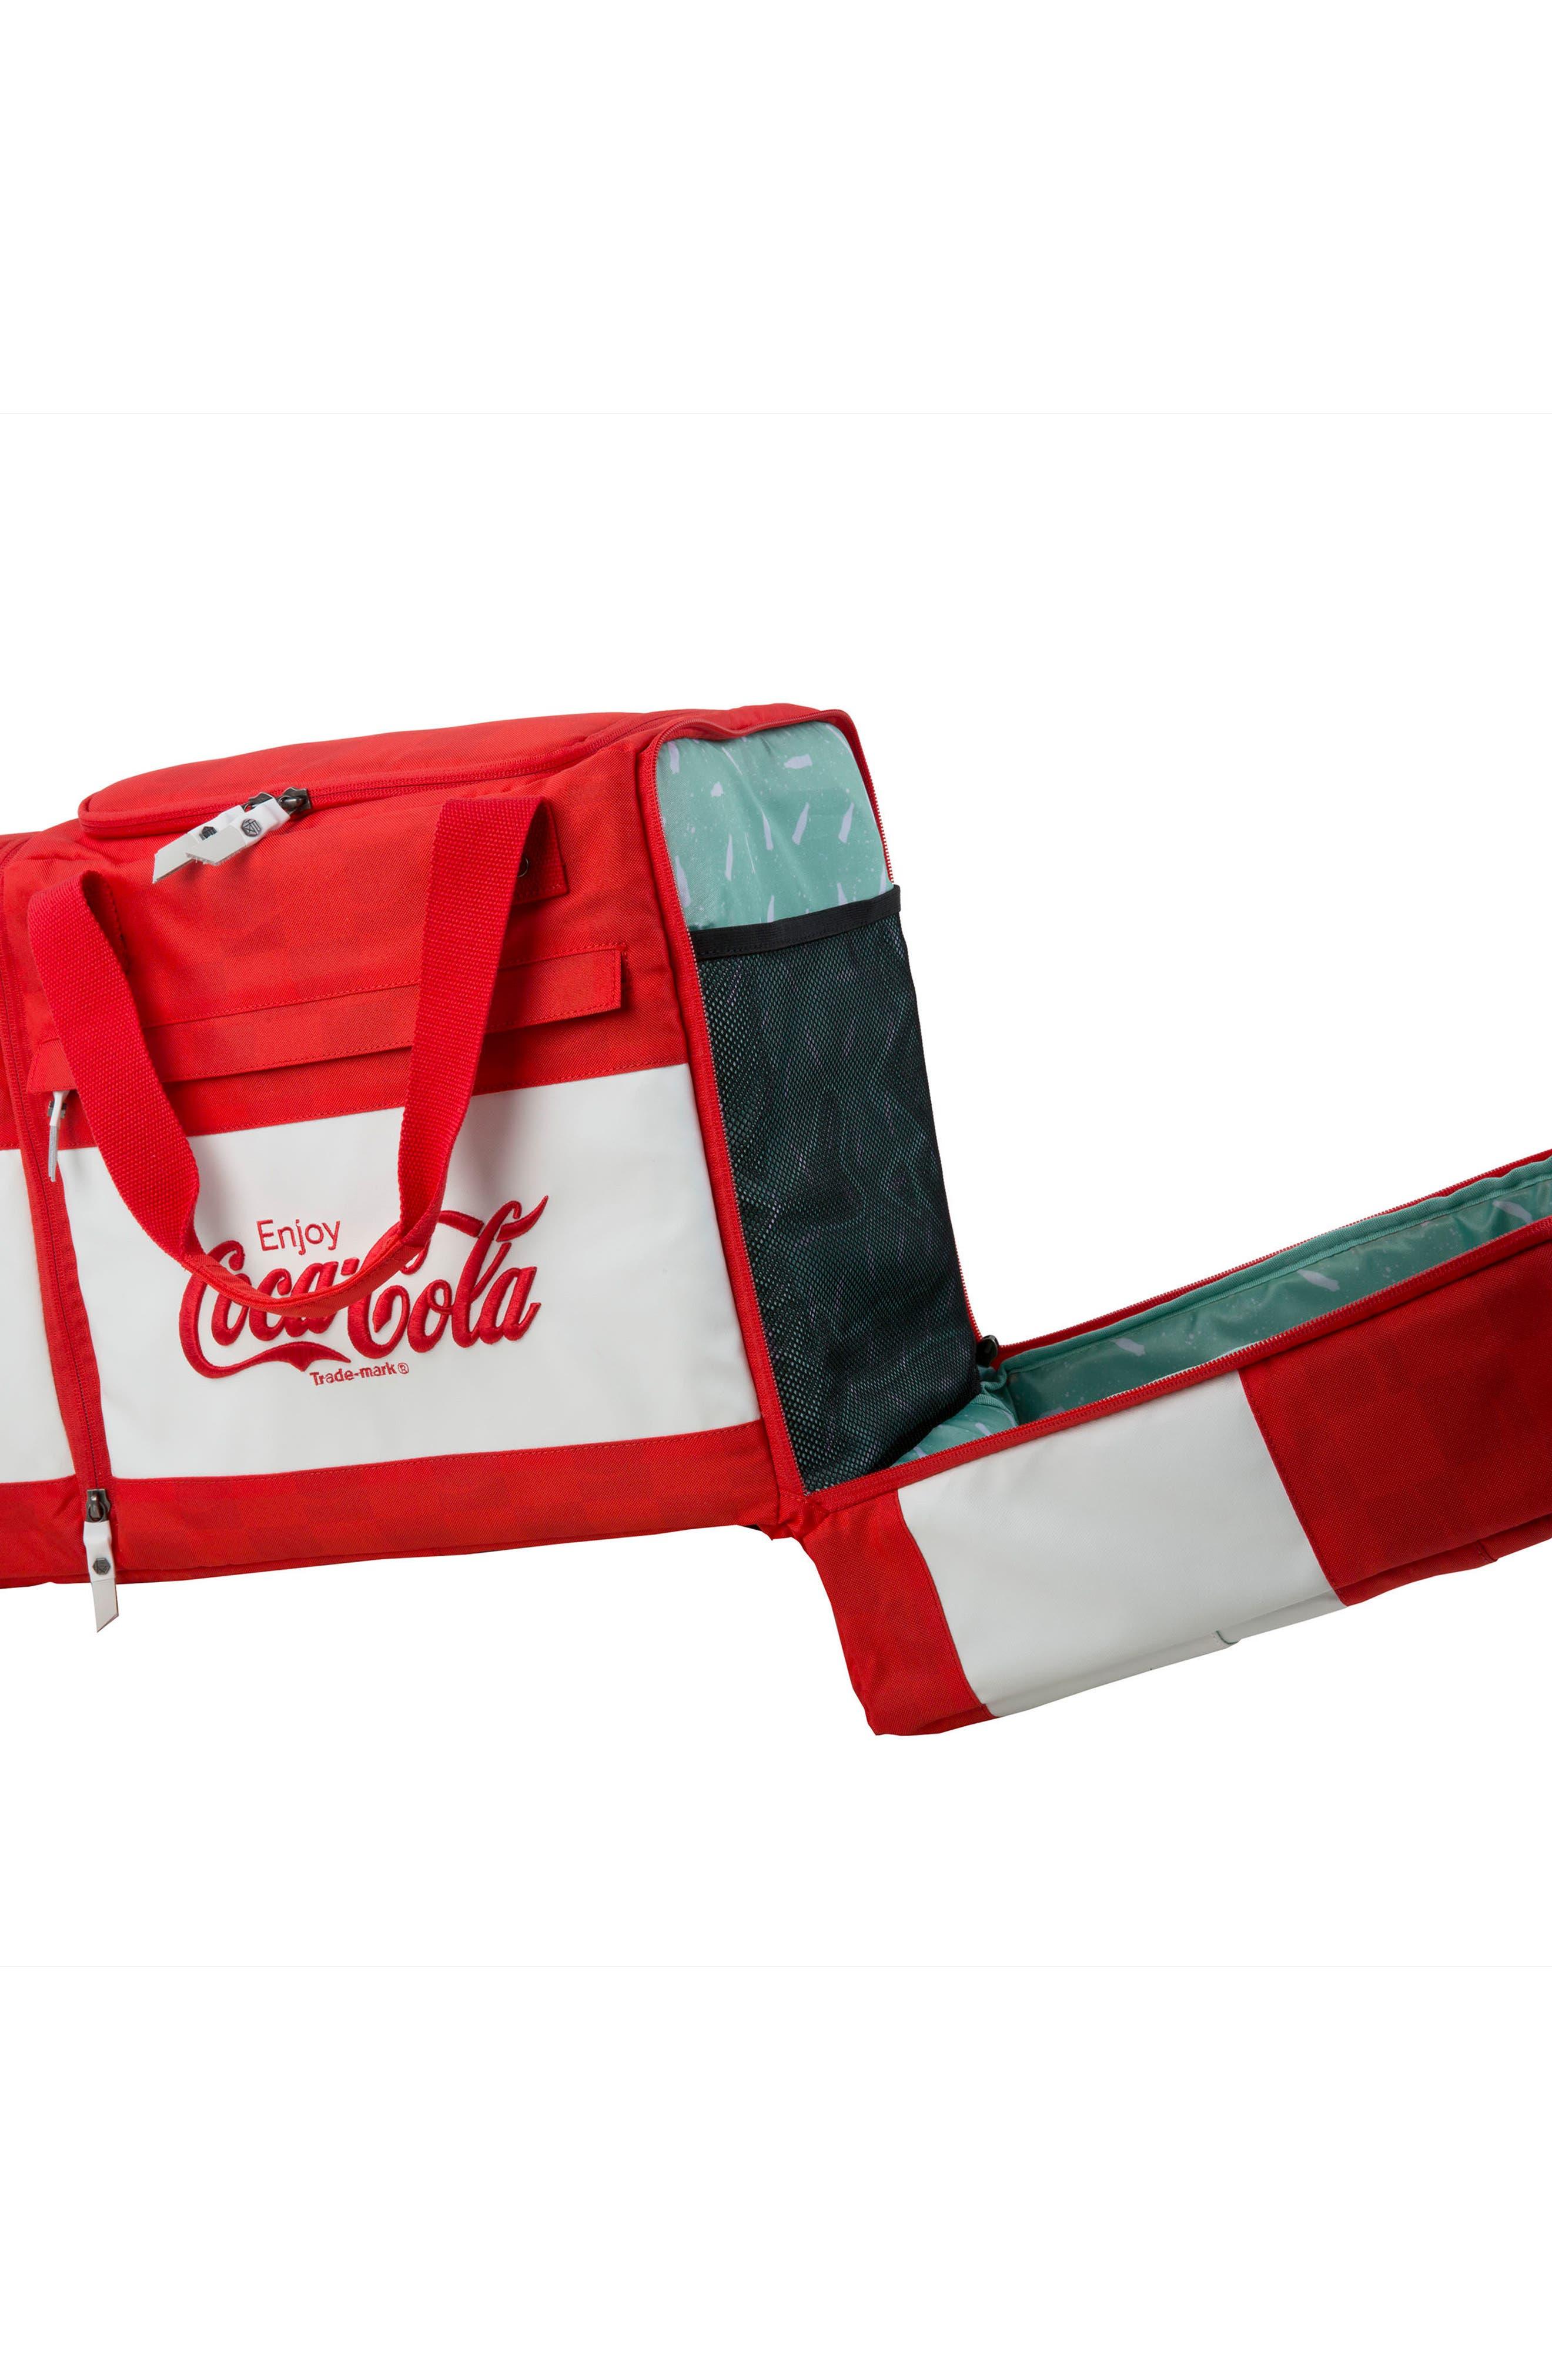 Coca Cola Sneaker Duffel Bag,                             Alternate thumbnail 4, color,                             600